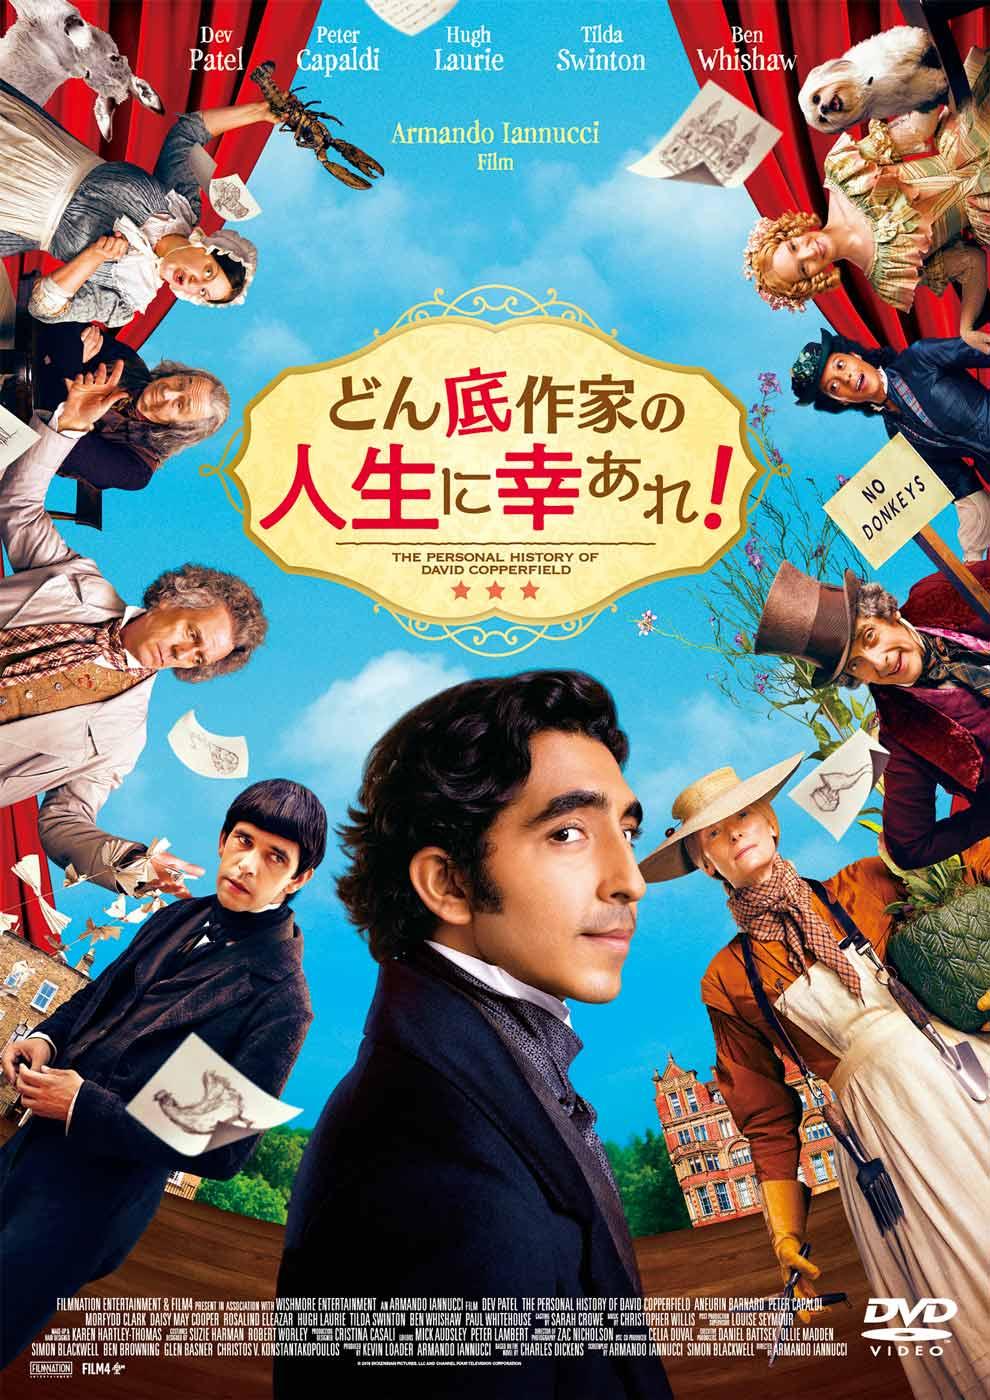 「どん底作家の人生に幸あれ!」DVD GAGA★ONLINE STORE限定 非売品プレス付き